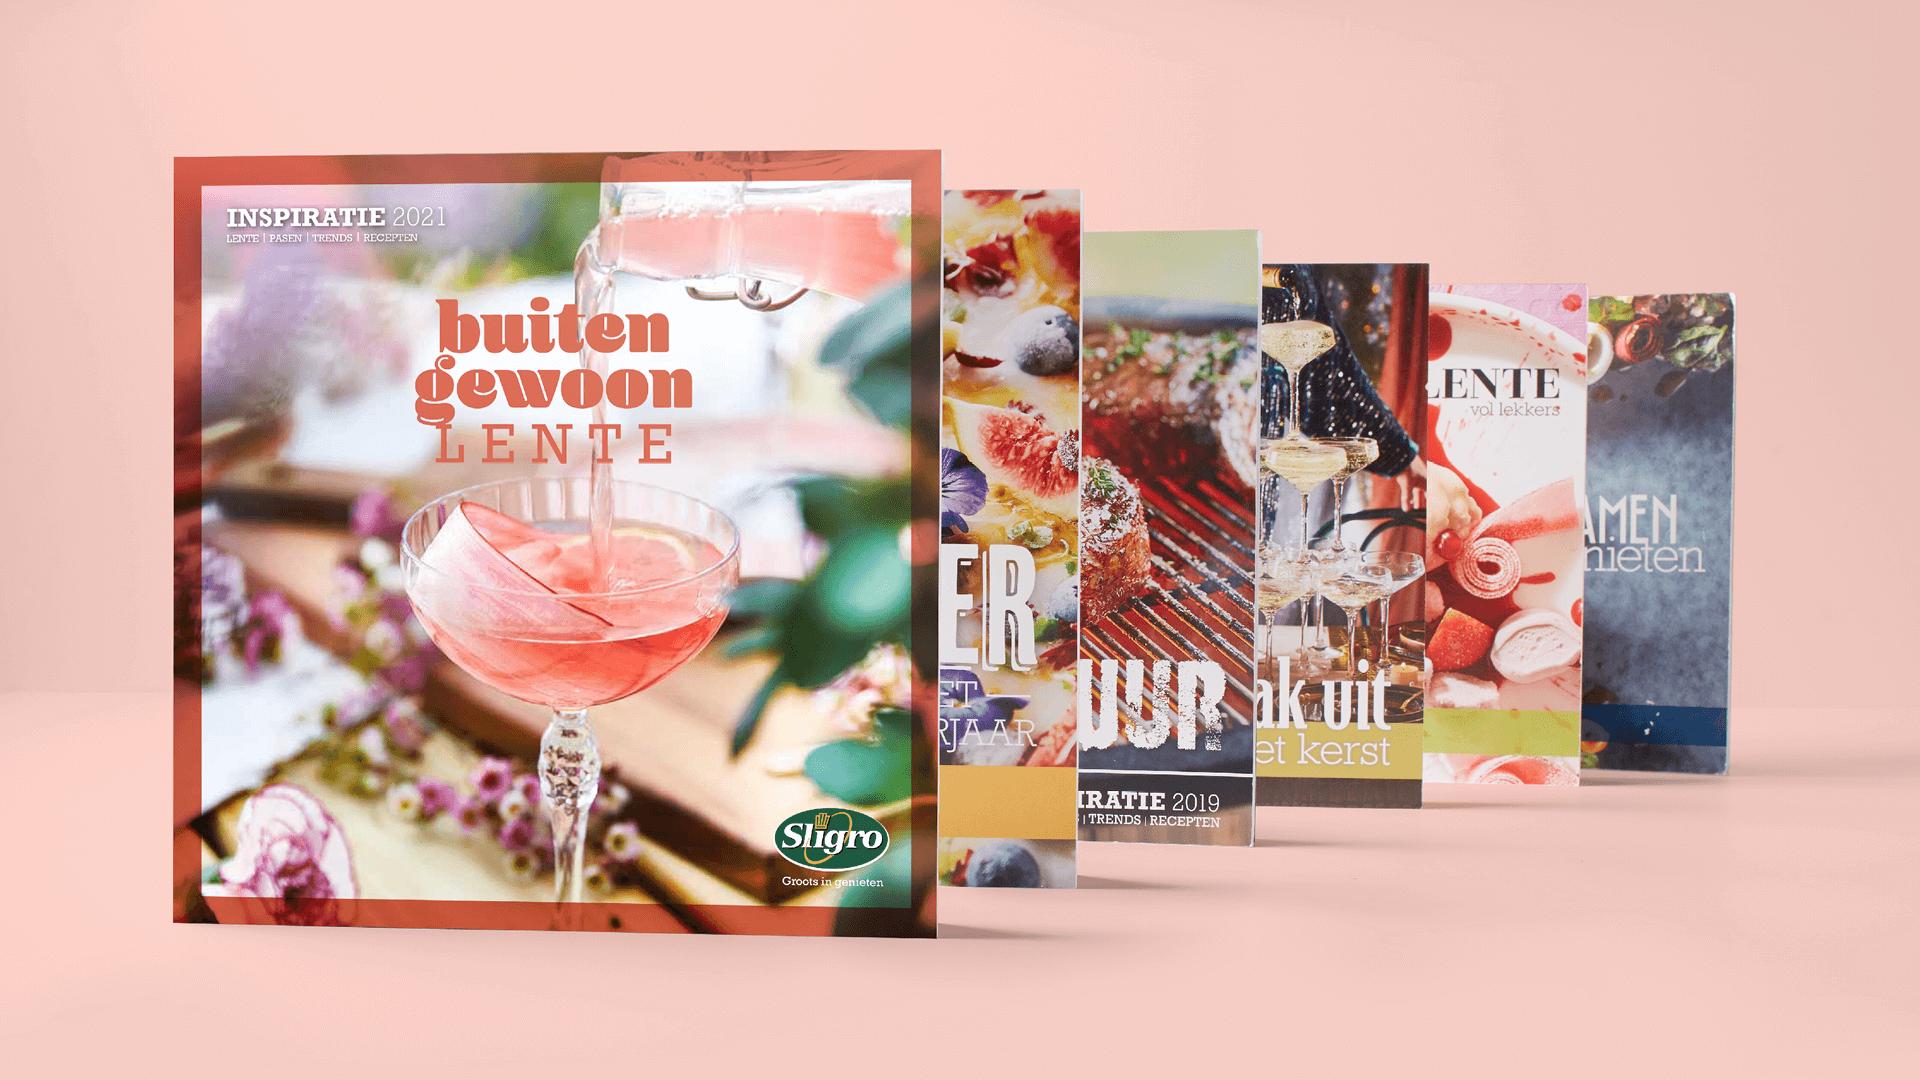 Buitengewoon lente inspiratiemagazine